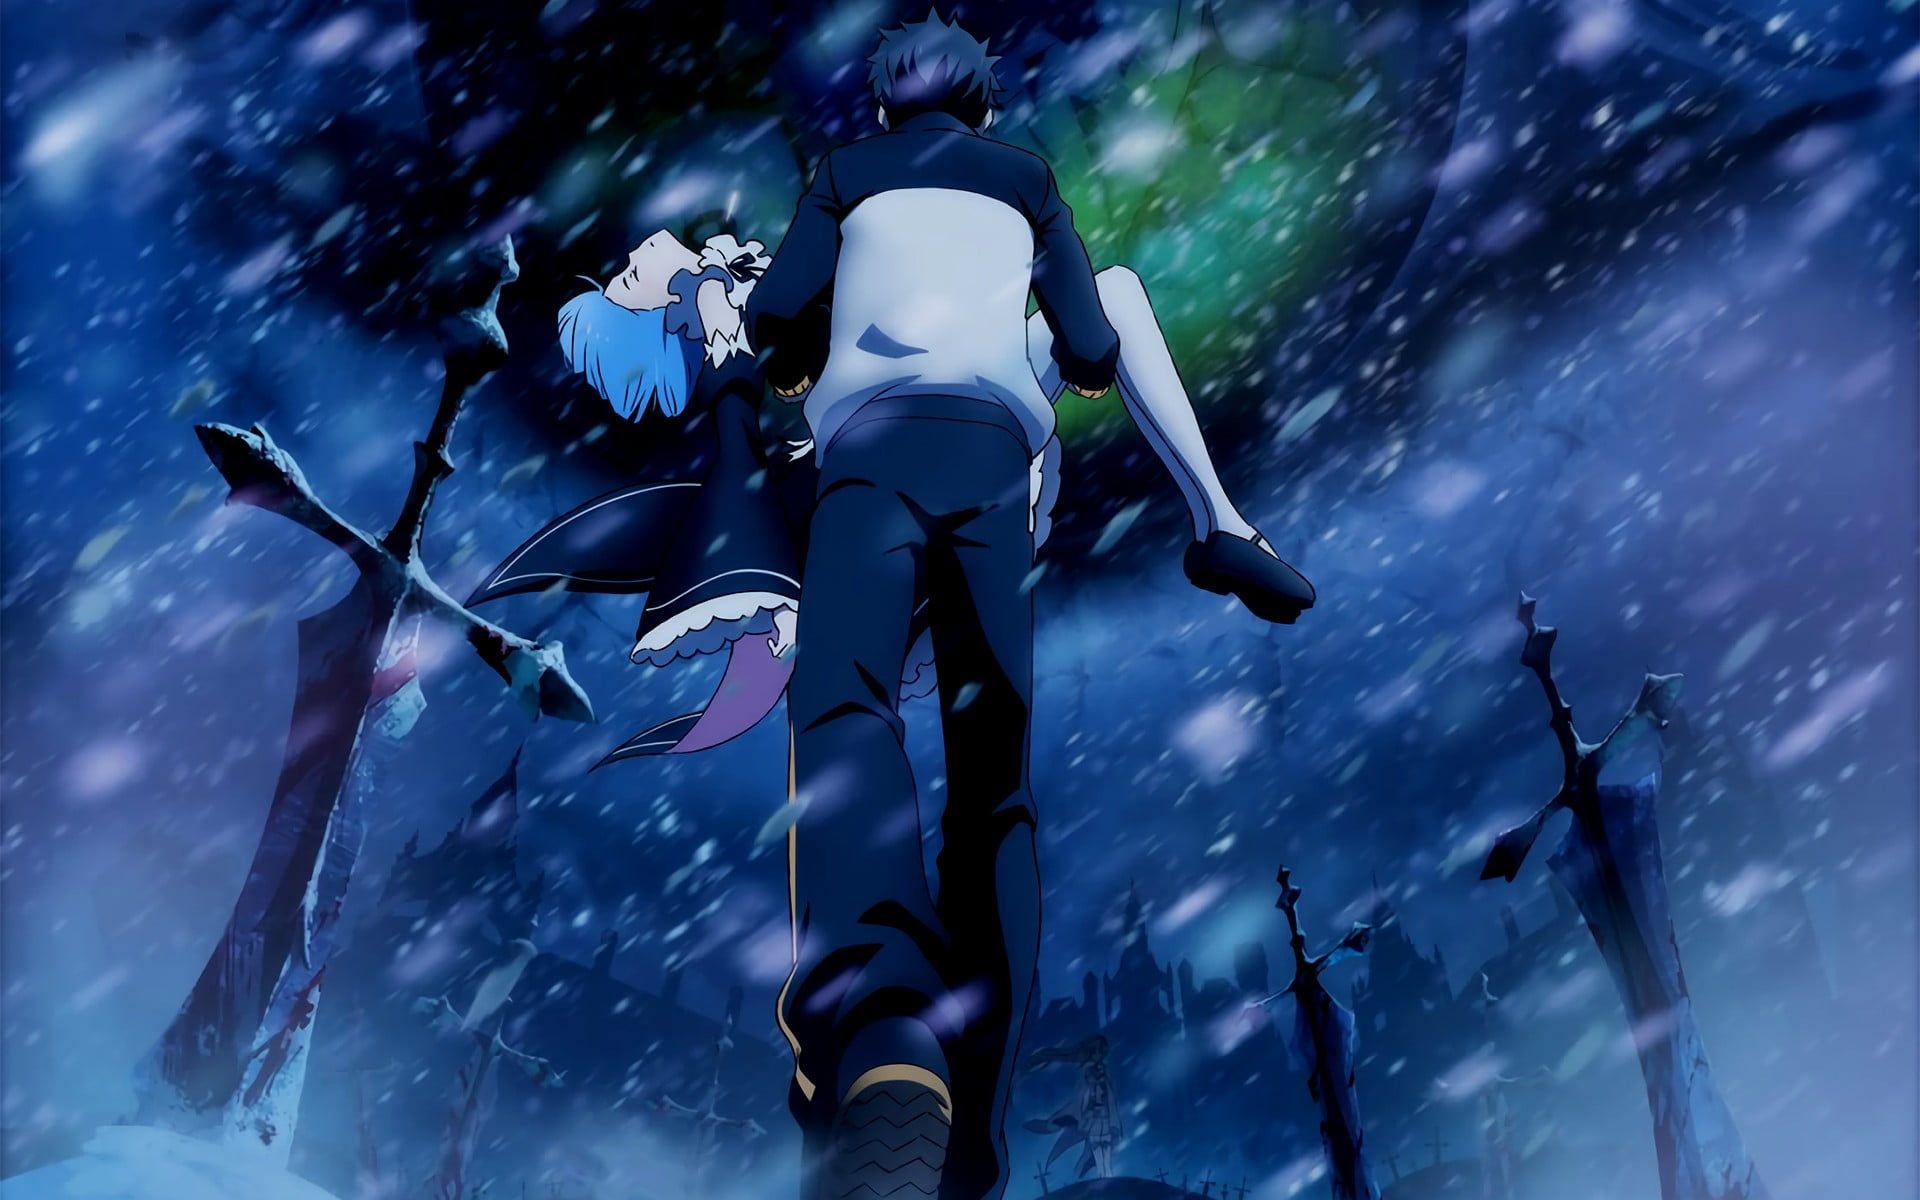 Man Carrying Woman Digital Wallpaper Re Zero Kara Hajimeru Isekai Seikatsu Natsuki Subaru Rem Re Zero Anime 1080p Re Zero Wallpaper Anime Re Zero Subaru